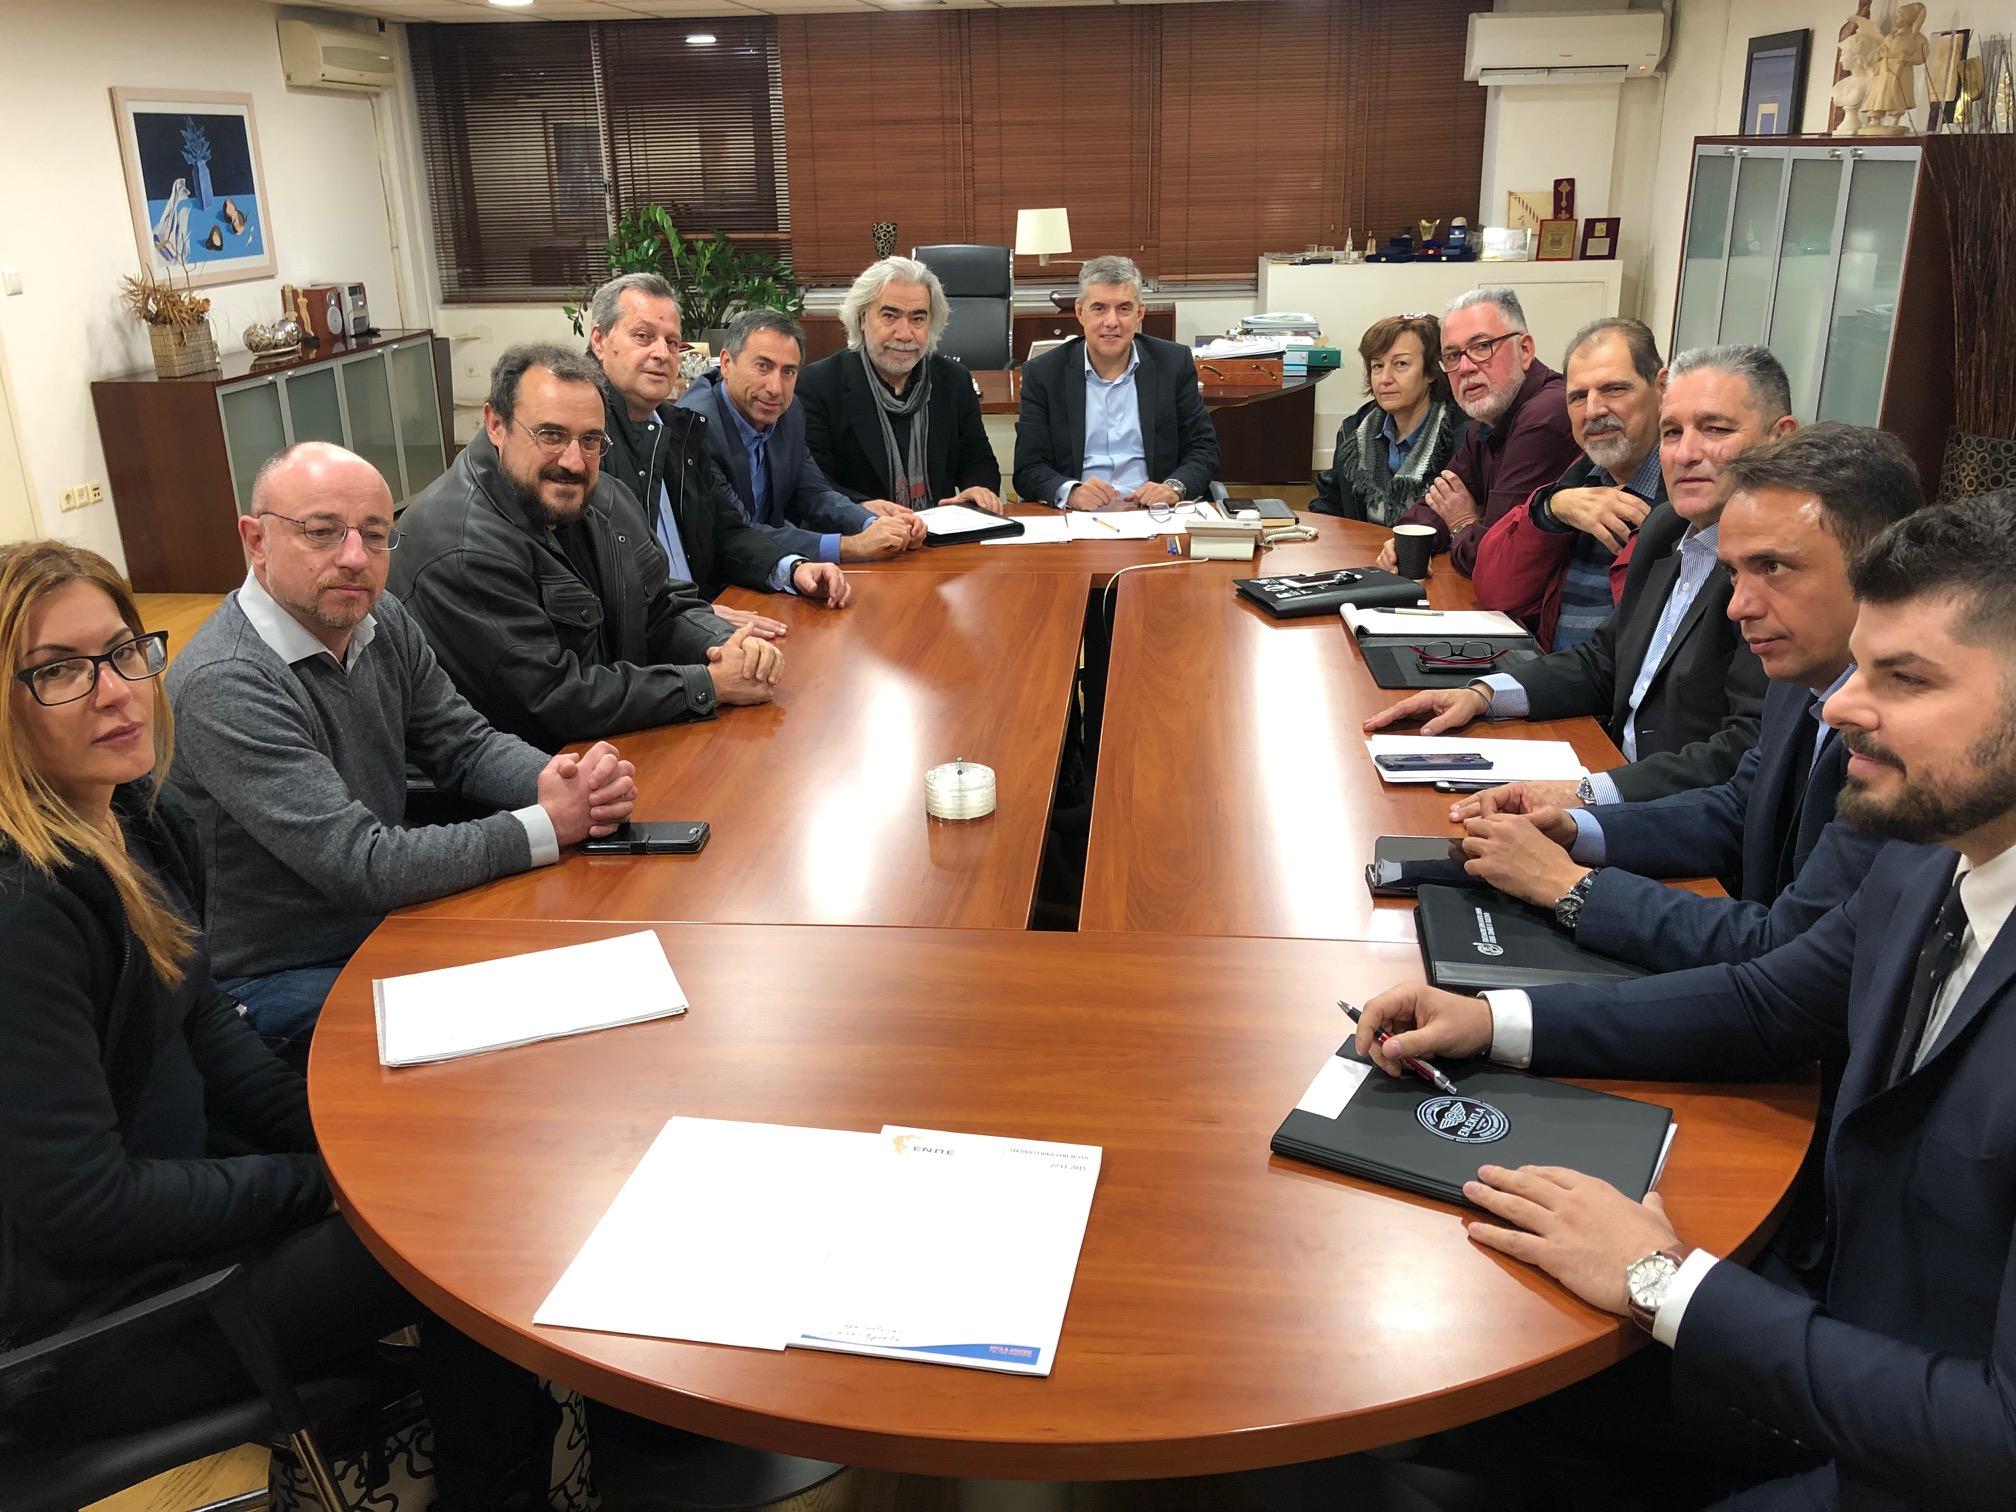 Αποτέλεσμα εικόνας για Συνεδρίαση της Εκτελεστικής Επιτροπής της ΕΝΠΕ για τα ταμειακά διαθέσιμα των Περιφερειών, στο γραφείο του Περιφερειάρχη Κεντρικής Μακεδονίας Απόστολου Τζιτζικώστα